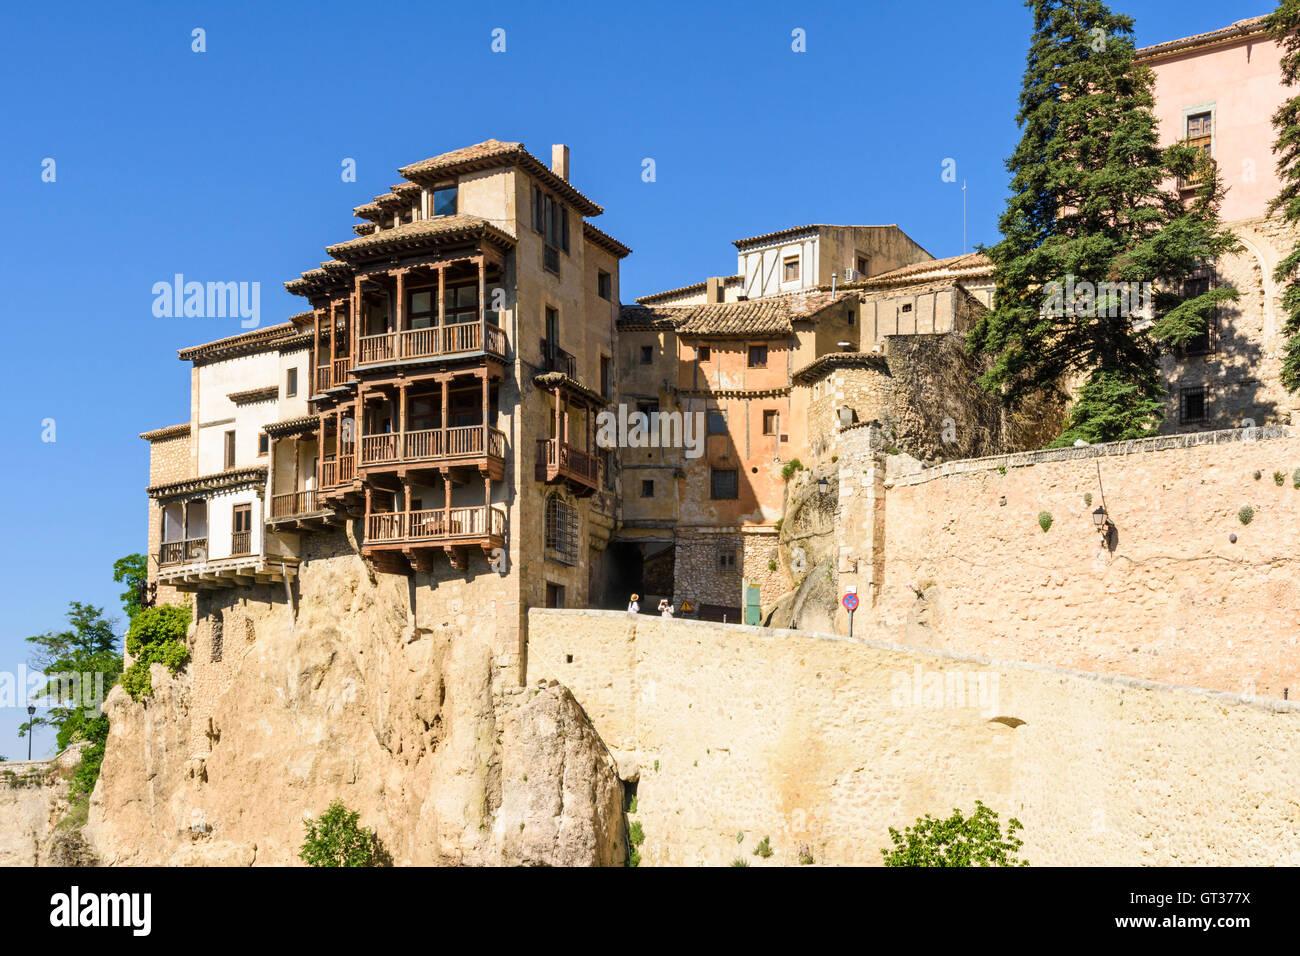 Die hängenden Häuser von Cuenca mit Blick auf die Huecar Schlucht, Cuenca, Castilla La Mancha, Spanien Stockbild